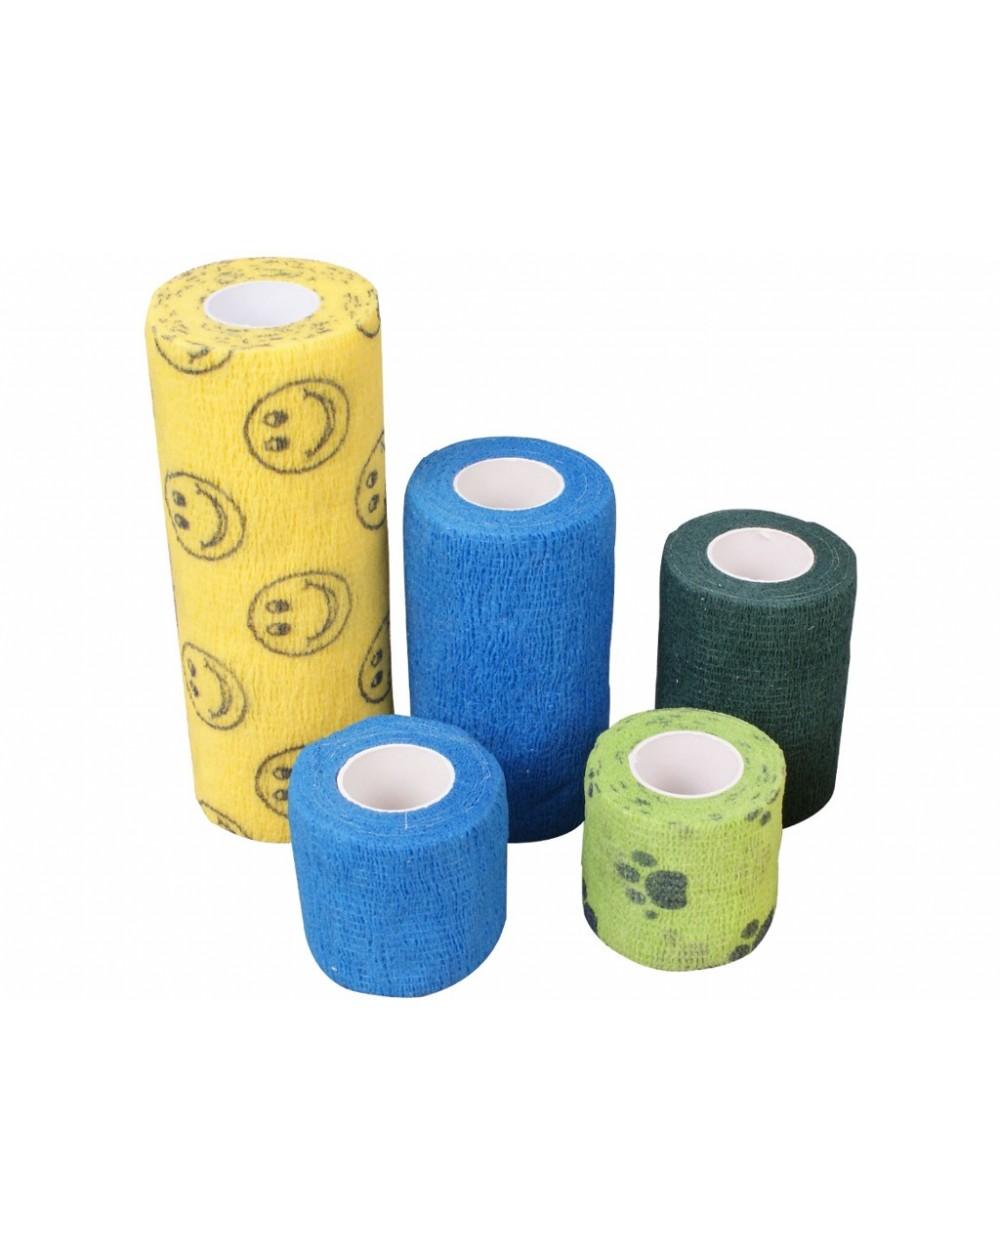 Bandaż niebieski, 4,5 m x 5 cm, 24 szt. - Sklep medyczny / weterynaryjny - Sigmed